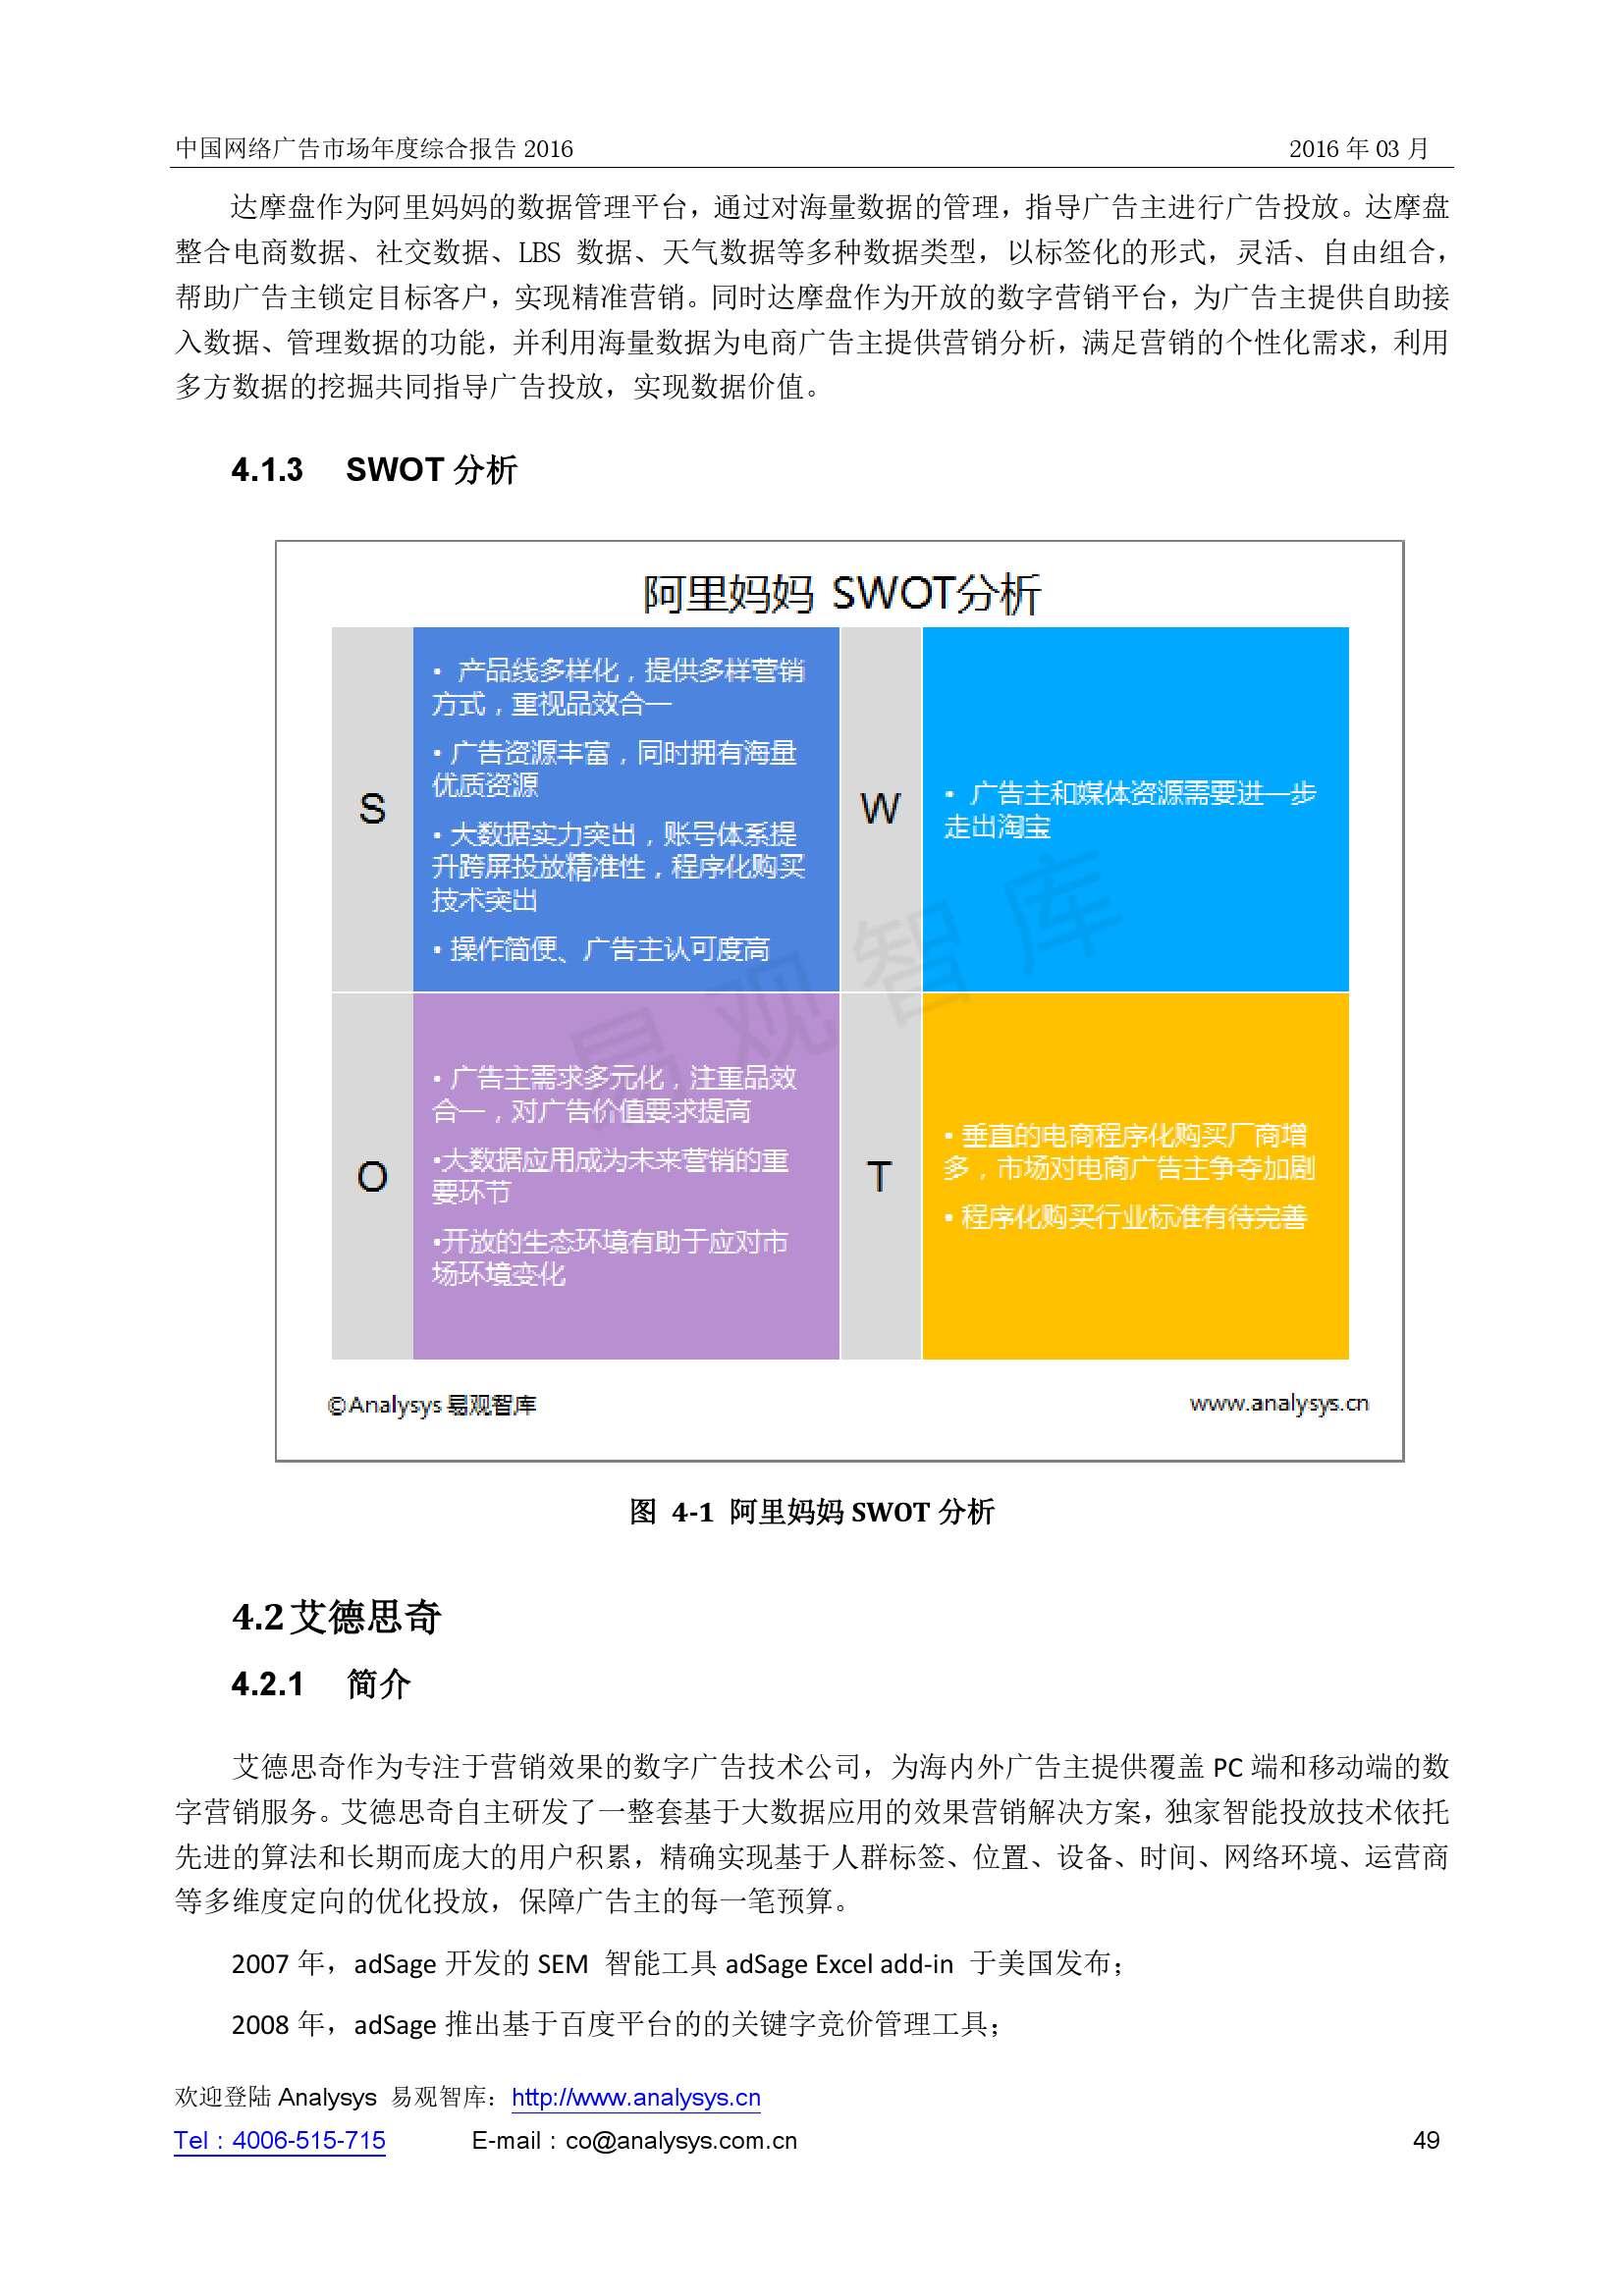 中国网络广告市场年度综合报告2016_000049